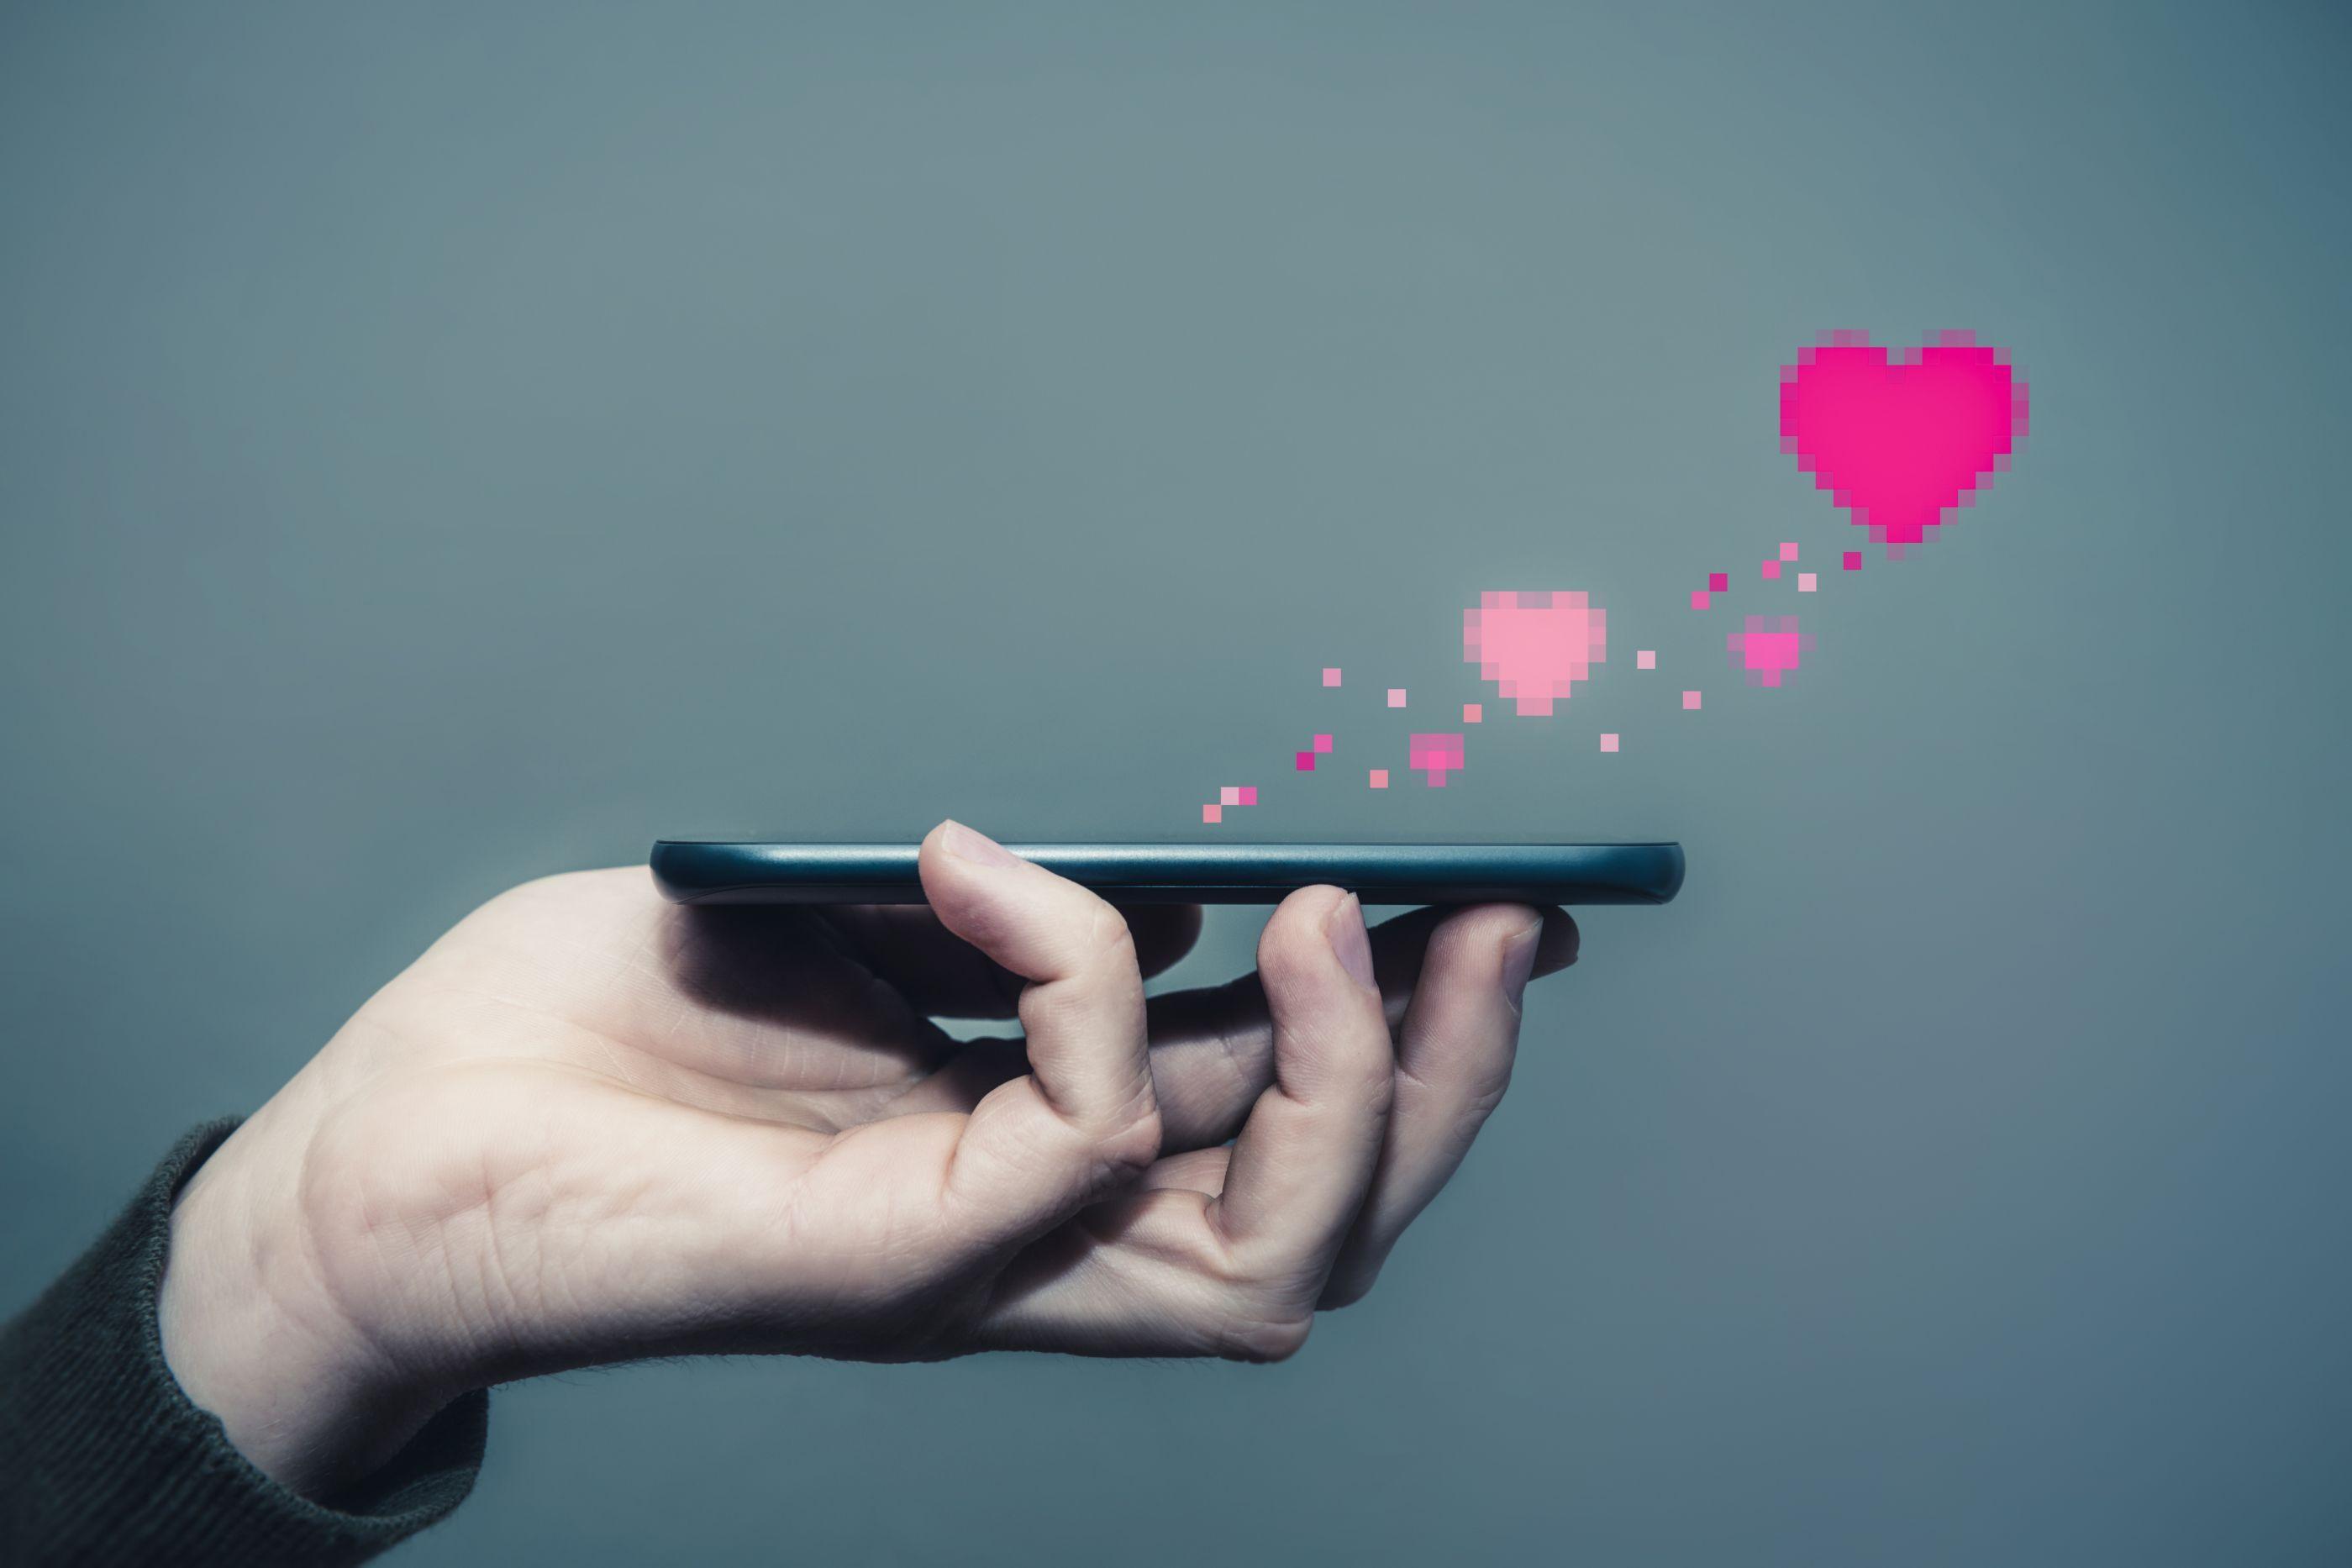 Tinder ultrapassou Netflix como app mais rentável da App Store